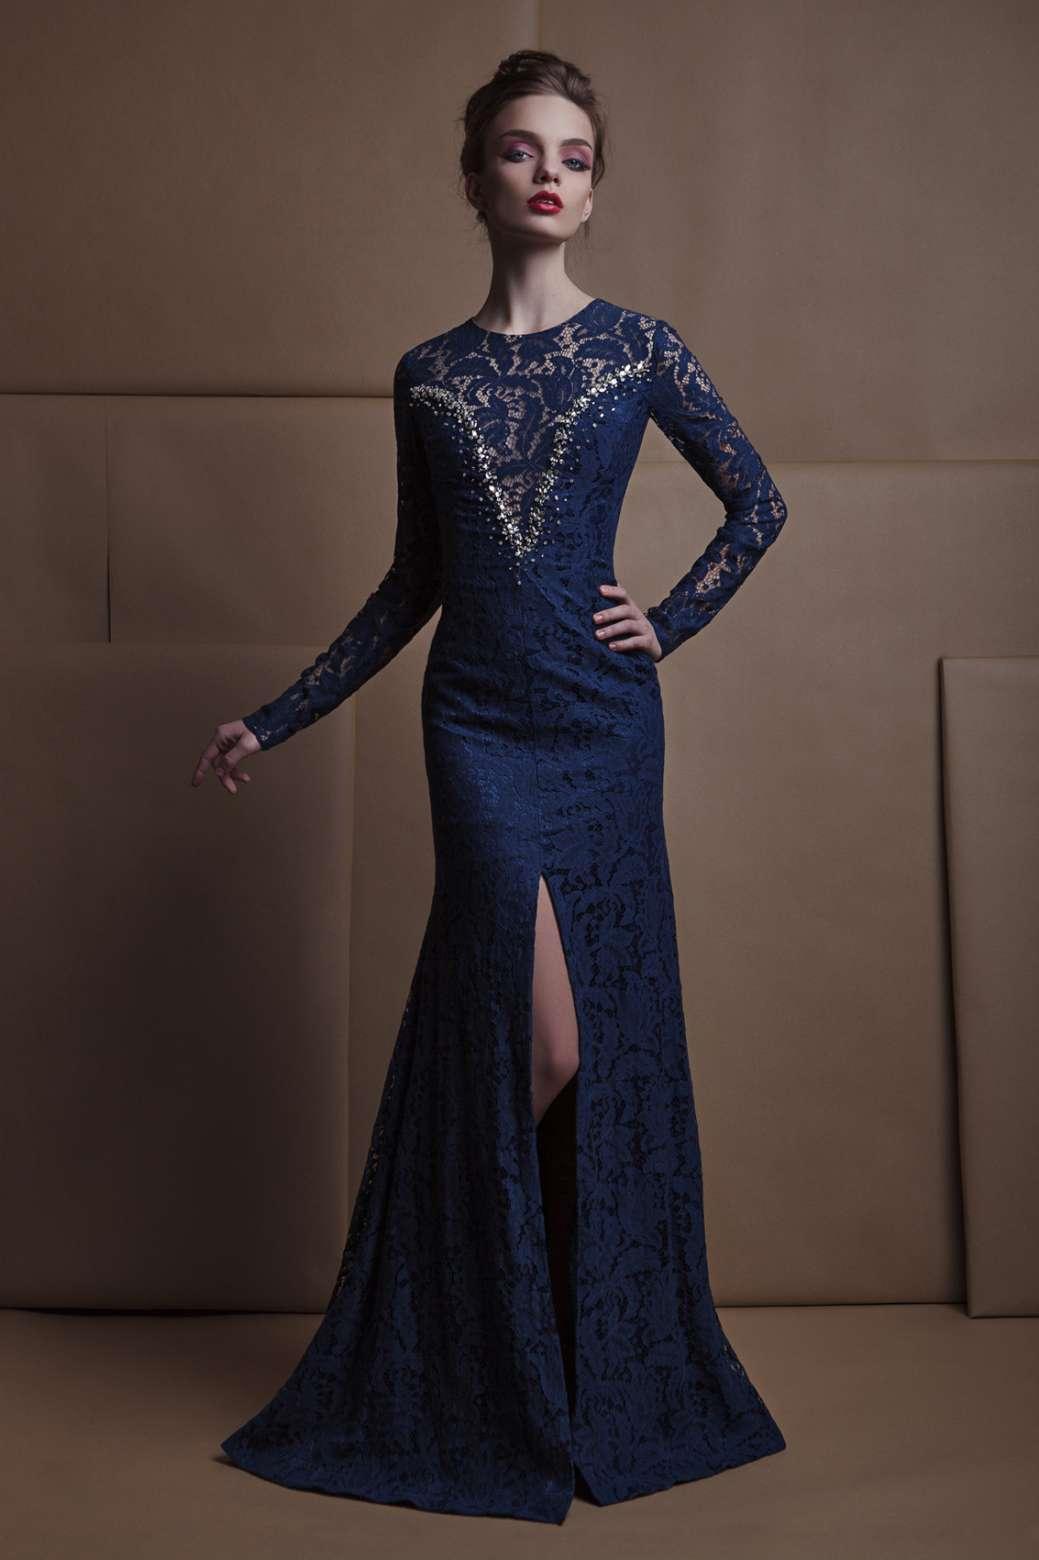 bc71c99cbda Купить эксклюзивные вечерние платья в Киеве Вы можете в свадебном салоне